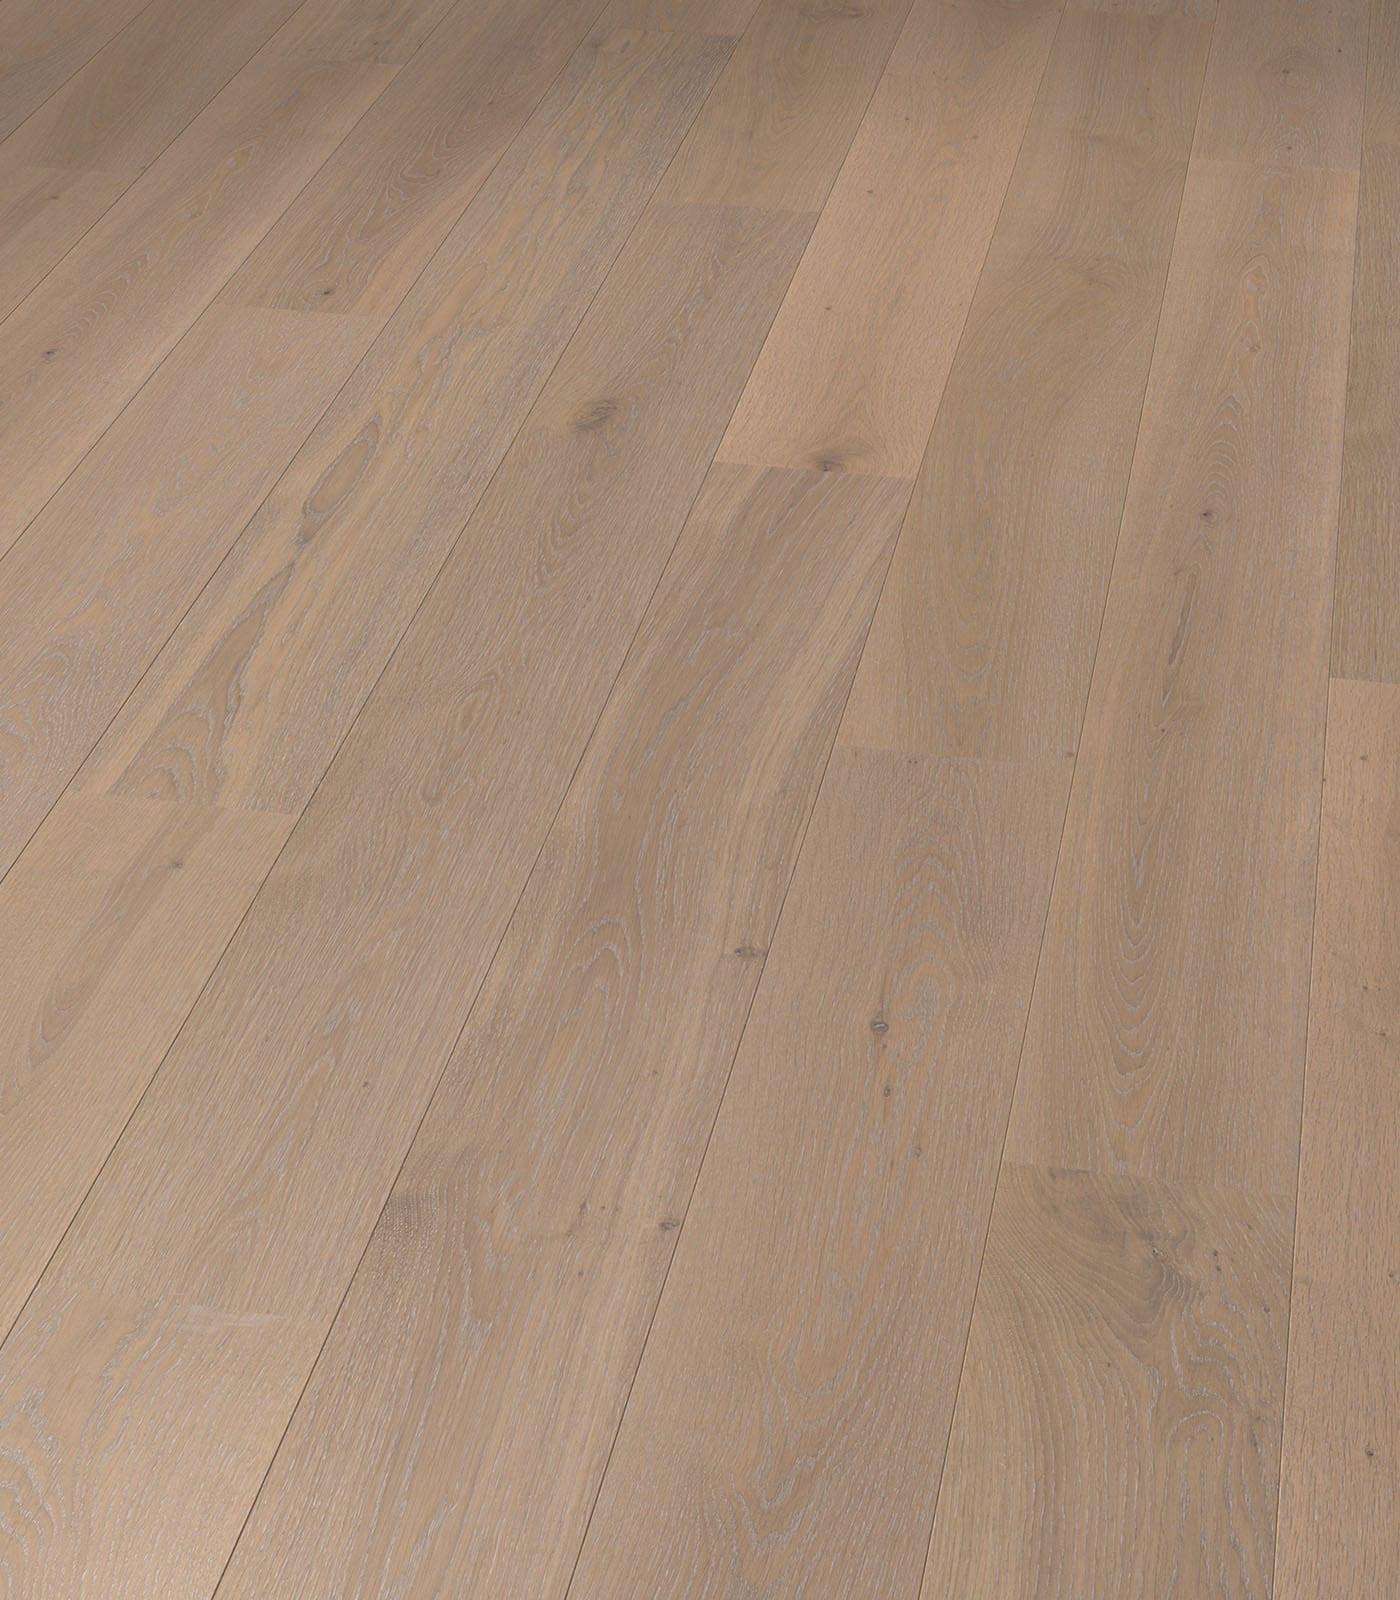 Moondust-European Oak Floors-Colors Collection-angle